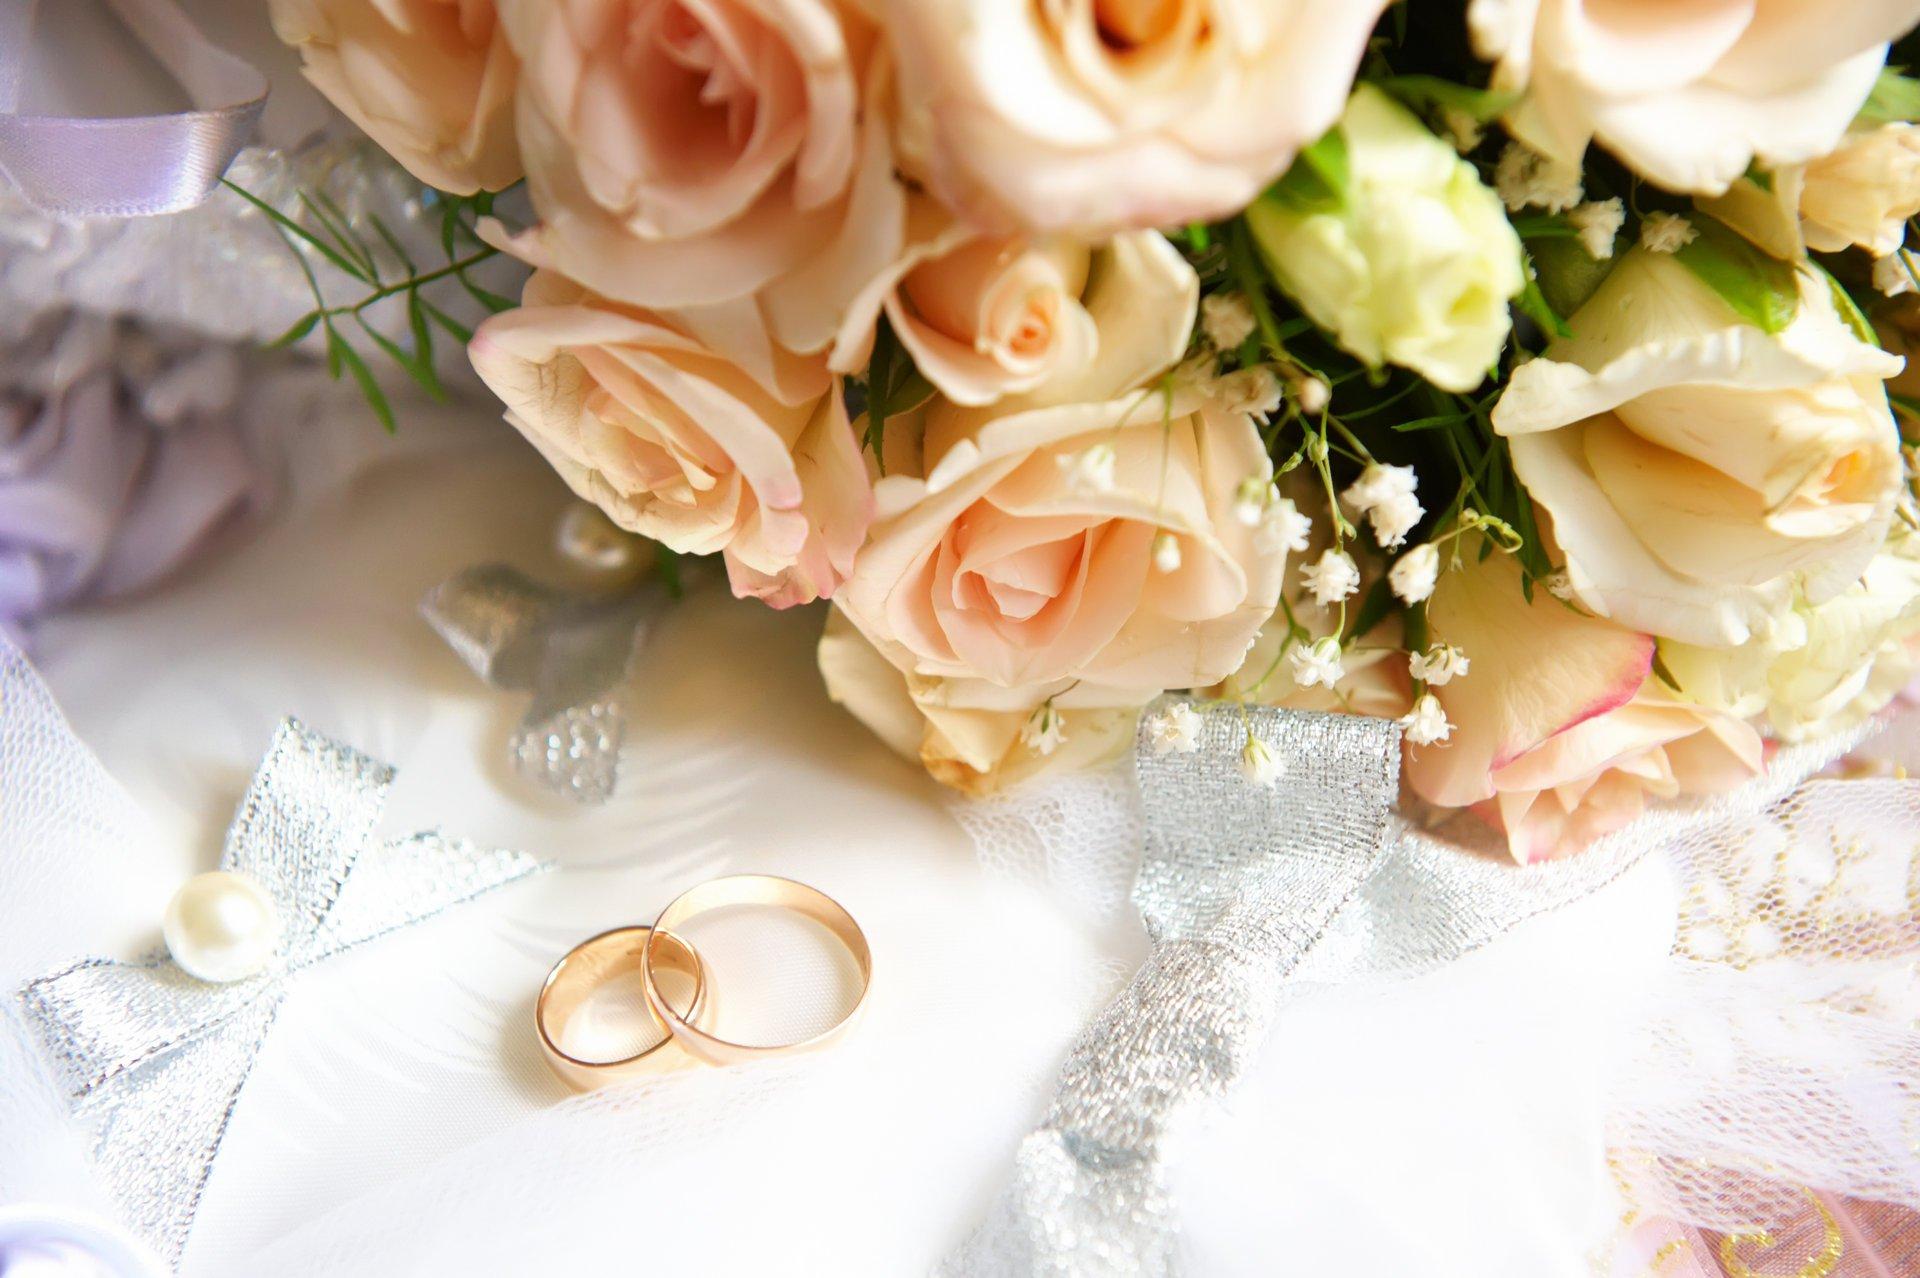 Нежные картинки со свадьбой, работает субботам